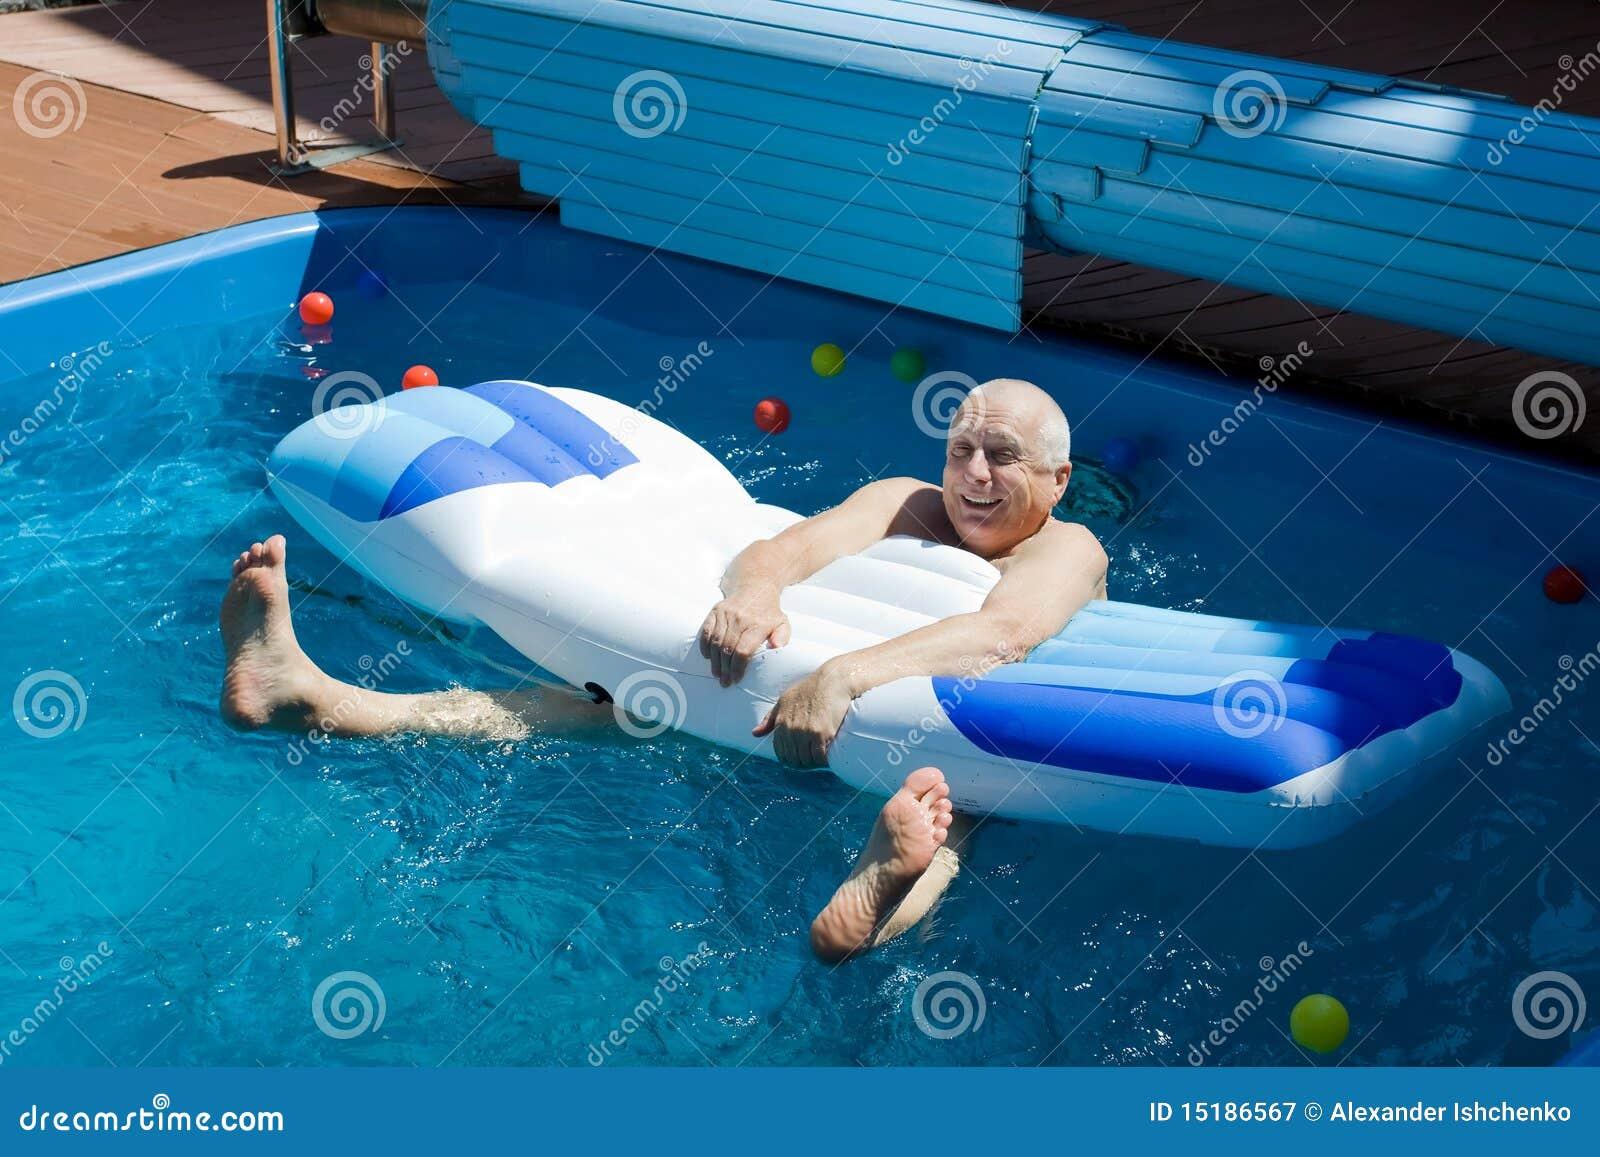 Dudes having fun on pool